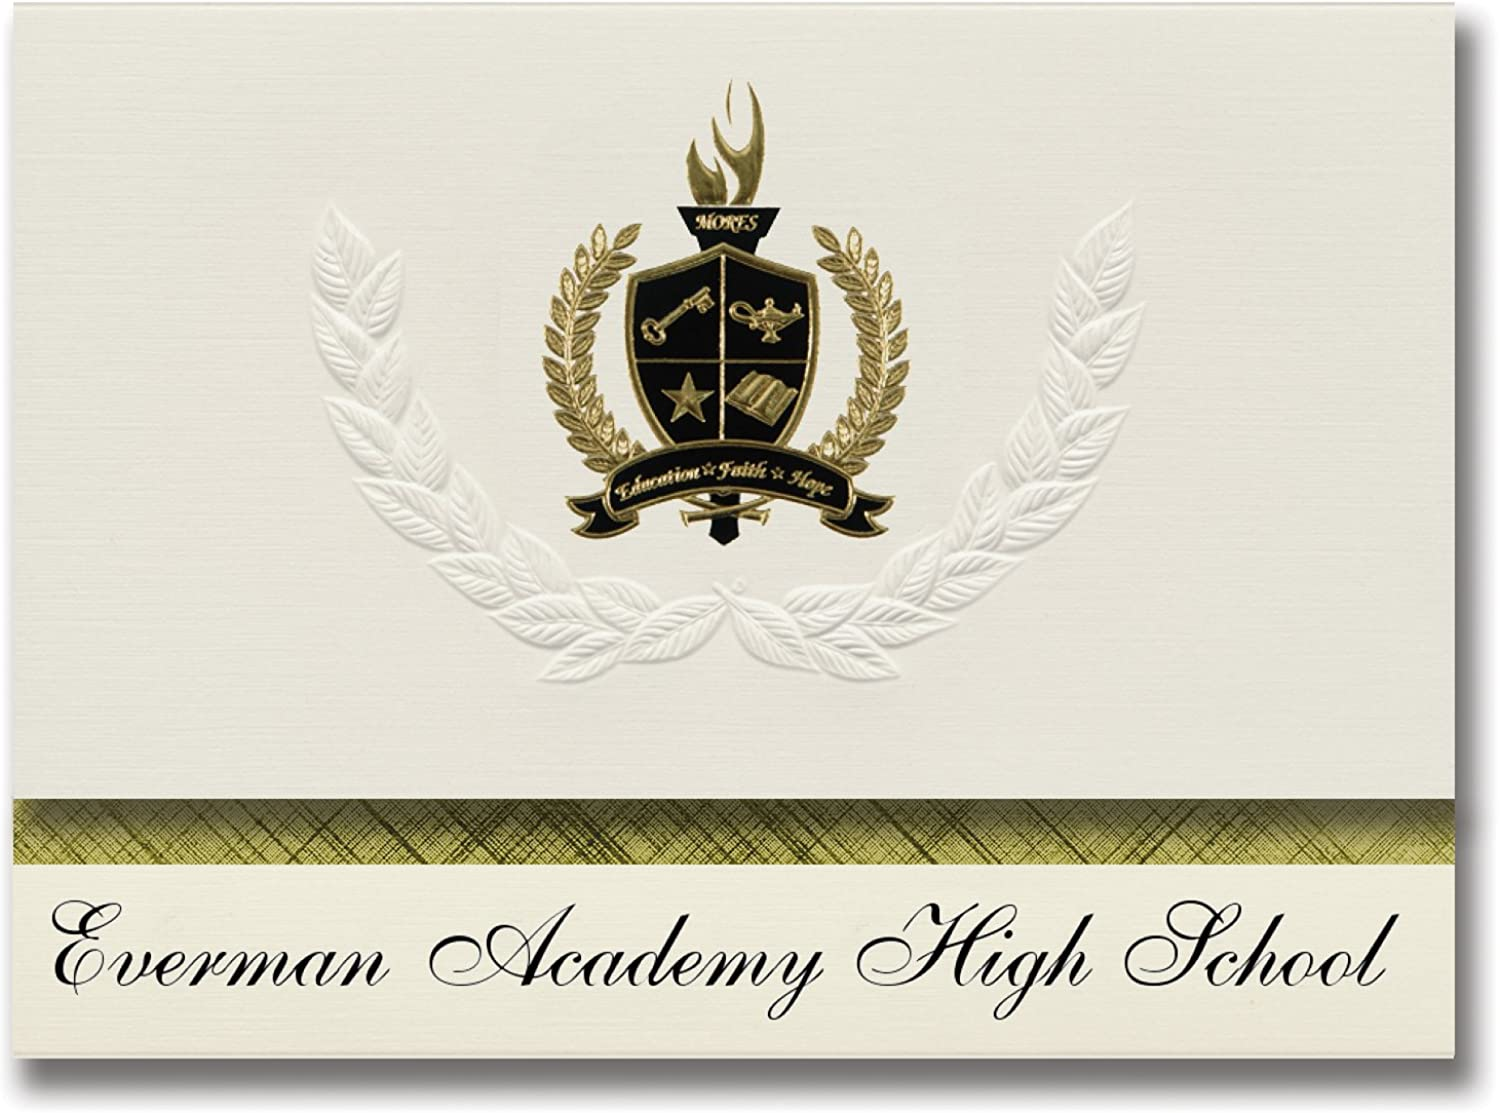 Signature Announcements Everman Academy High School (Everman, TX) Schulabschluss-Ankündigungen, Präsidential-Stil, Grundpaket mit 25 Goldfarbenen und schwarzen metallischen Folienversiegelungen B0795SD8NW | Schönes Aussehen